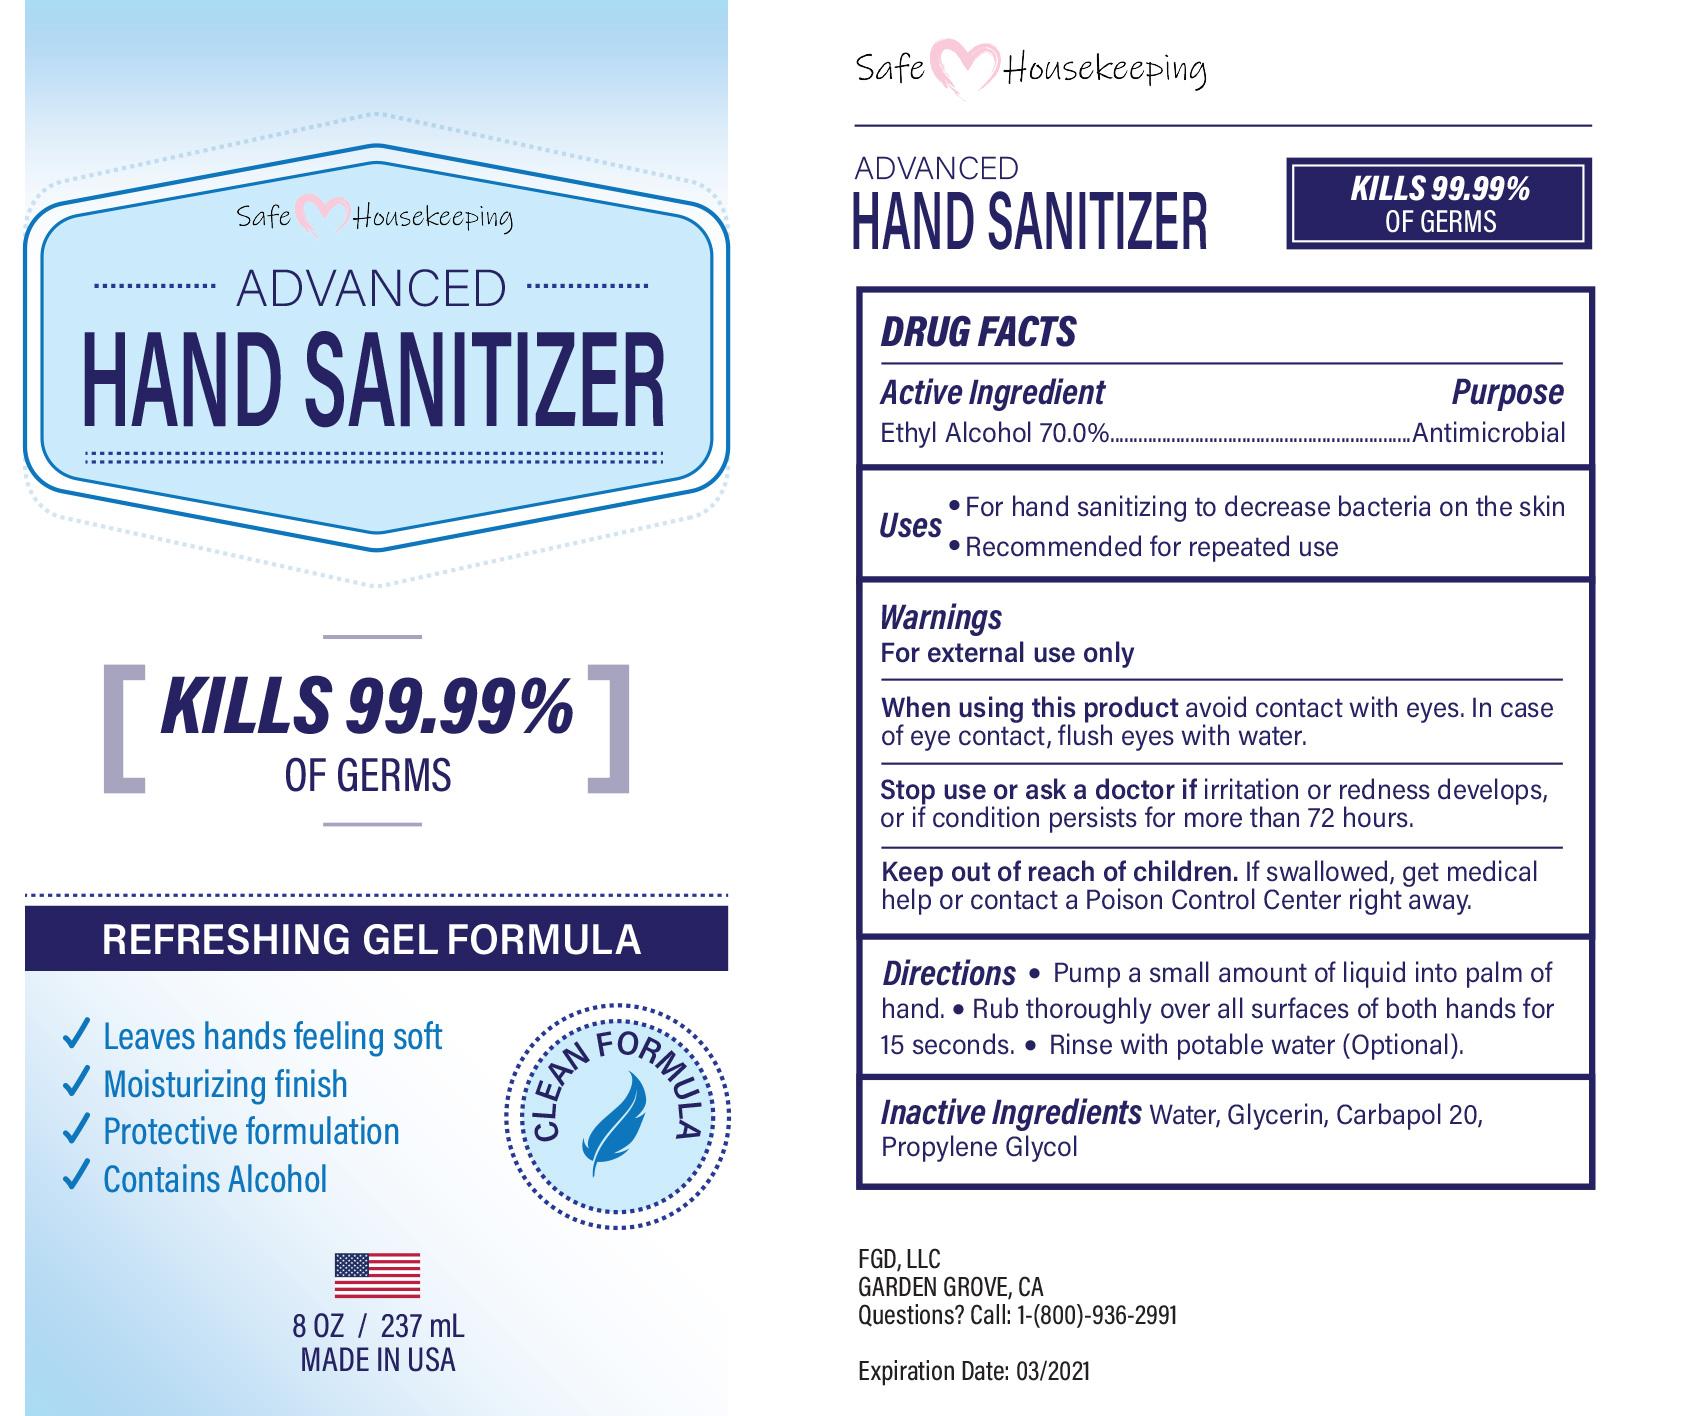 safe housekeeping hand sanitizer